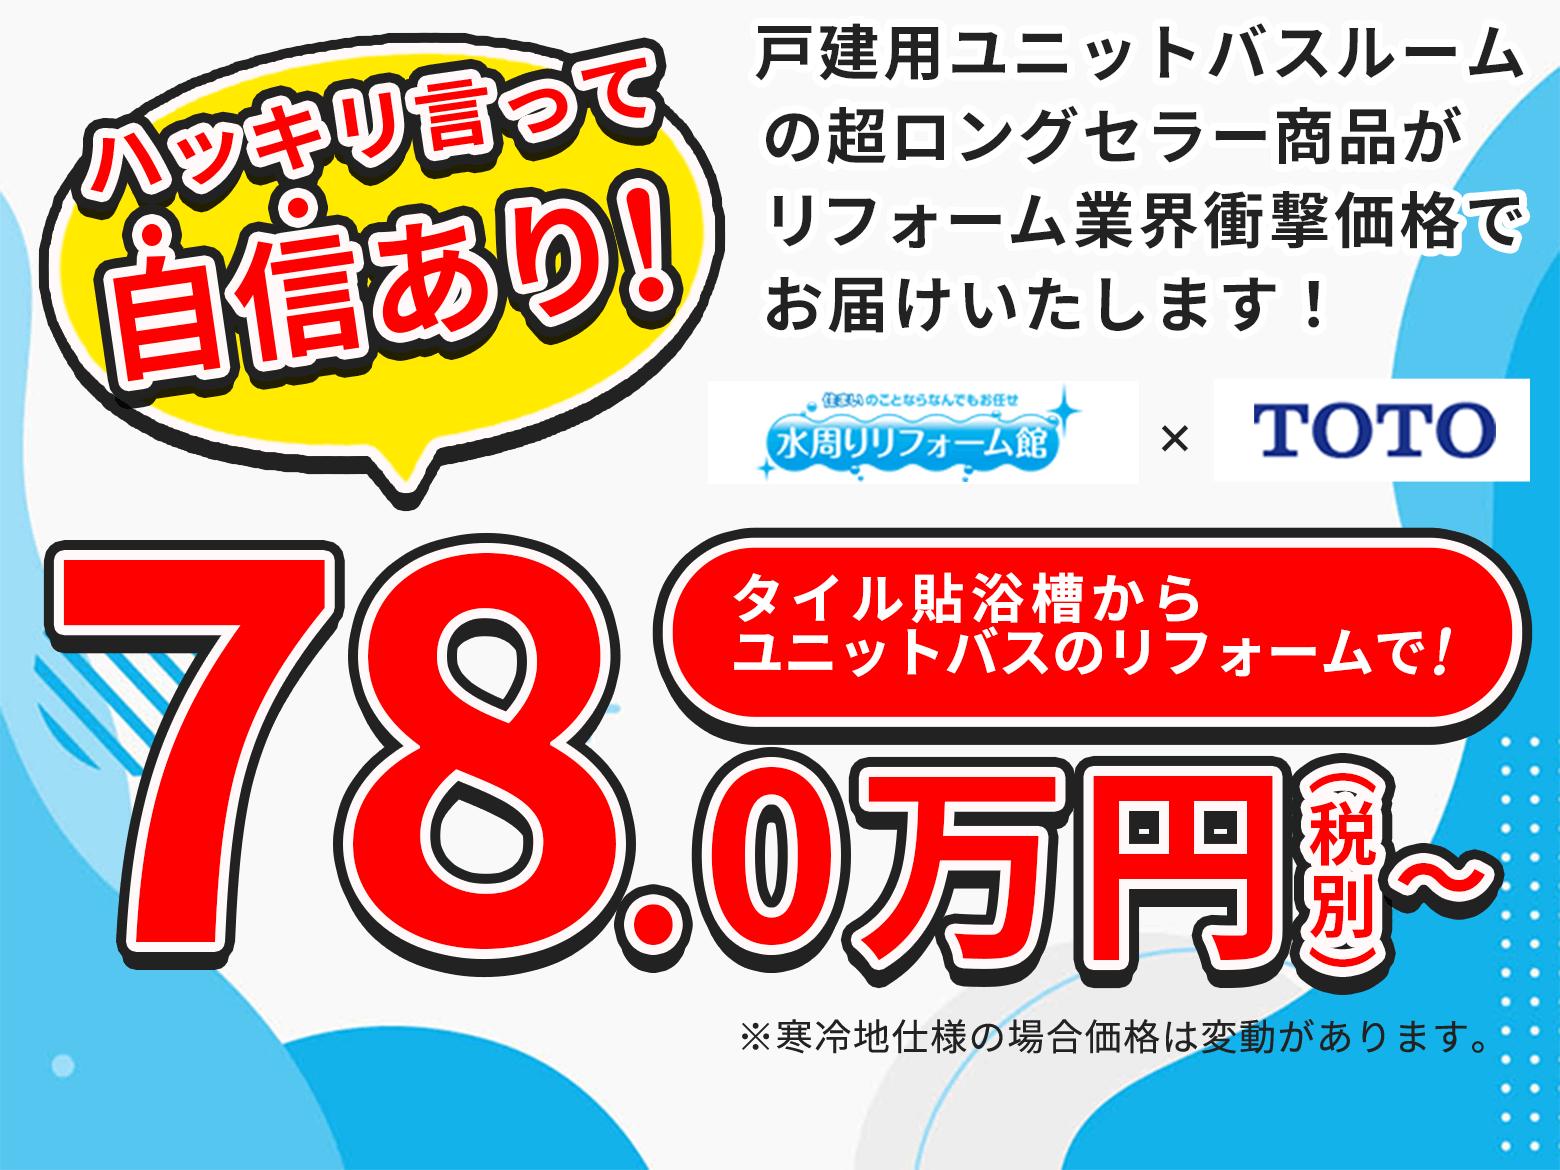 タイル張浴槽からユニットバスのリフォームで!78.0万円(税別)〜